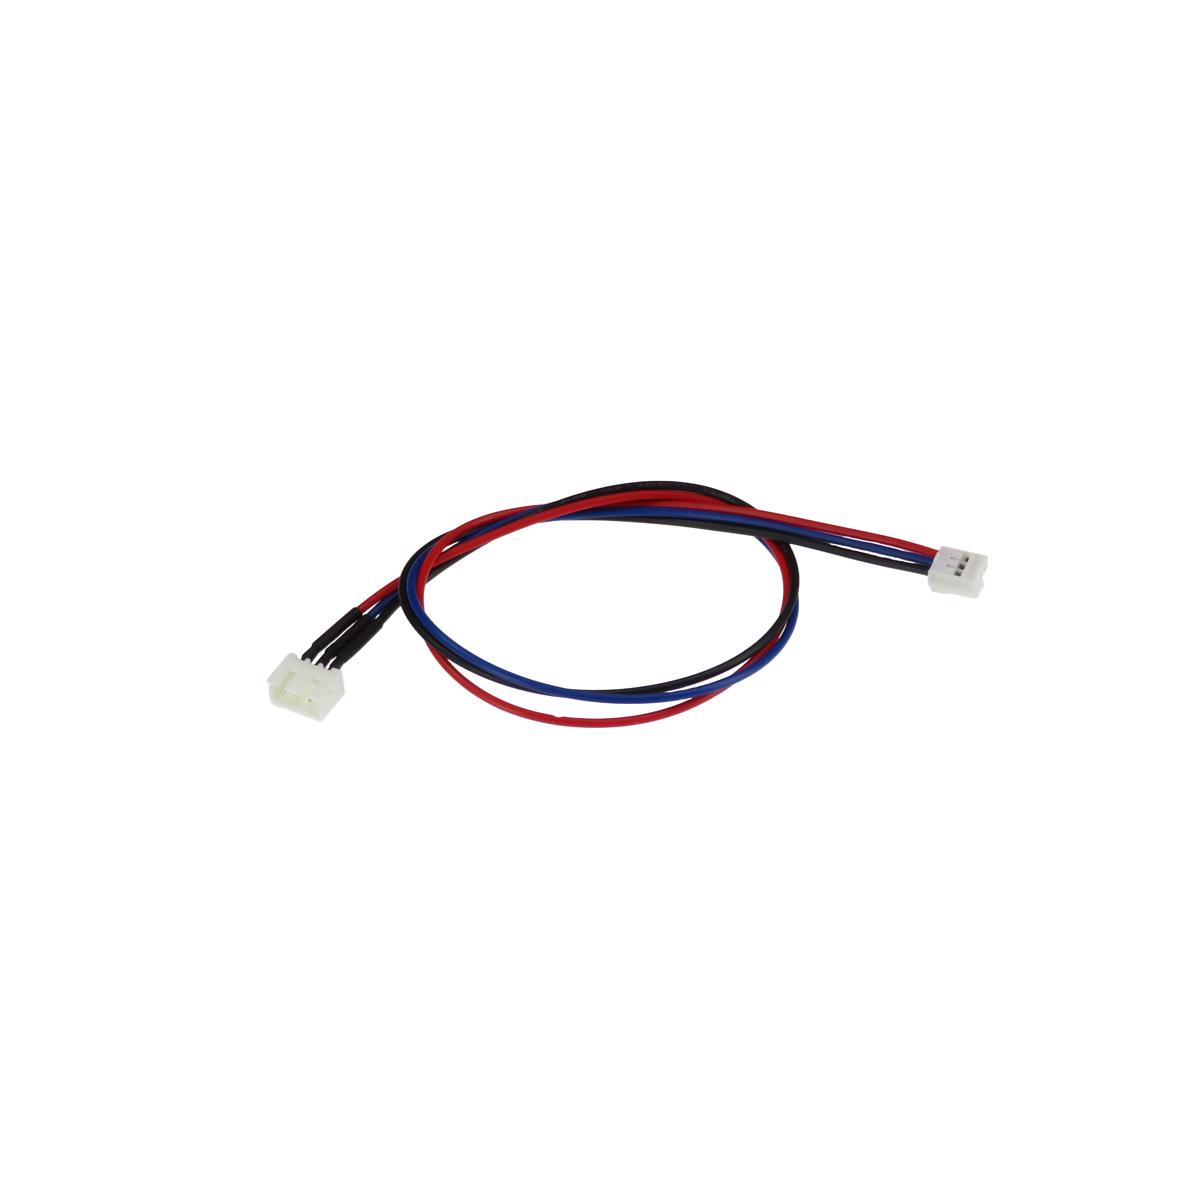 タミヤLF型3Pメスコネクター-XH型3Pオス変換コネクター(30cm)